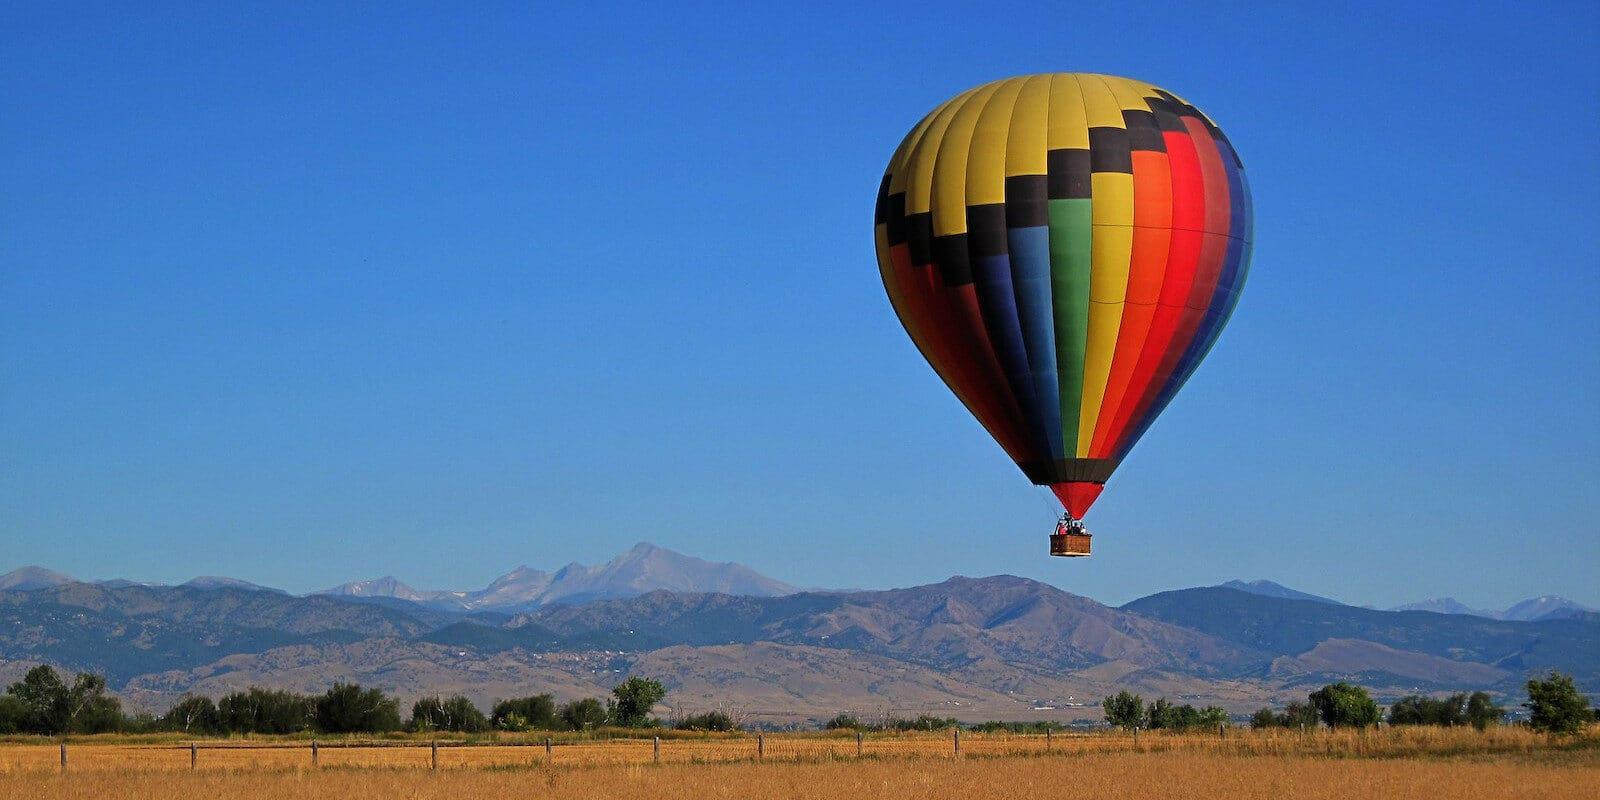 Image of a hot air balloon in Boulder, Colorado